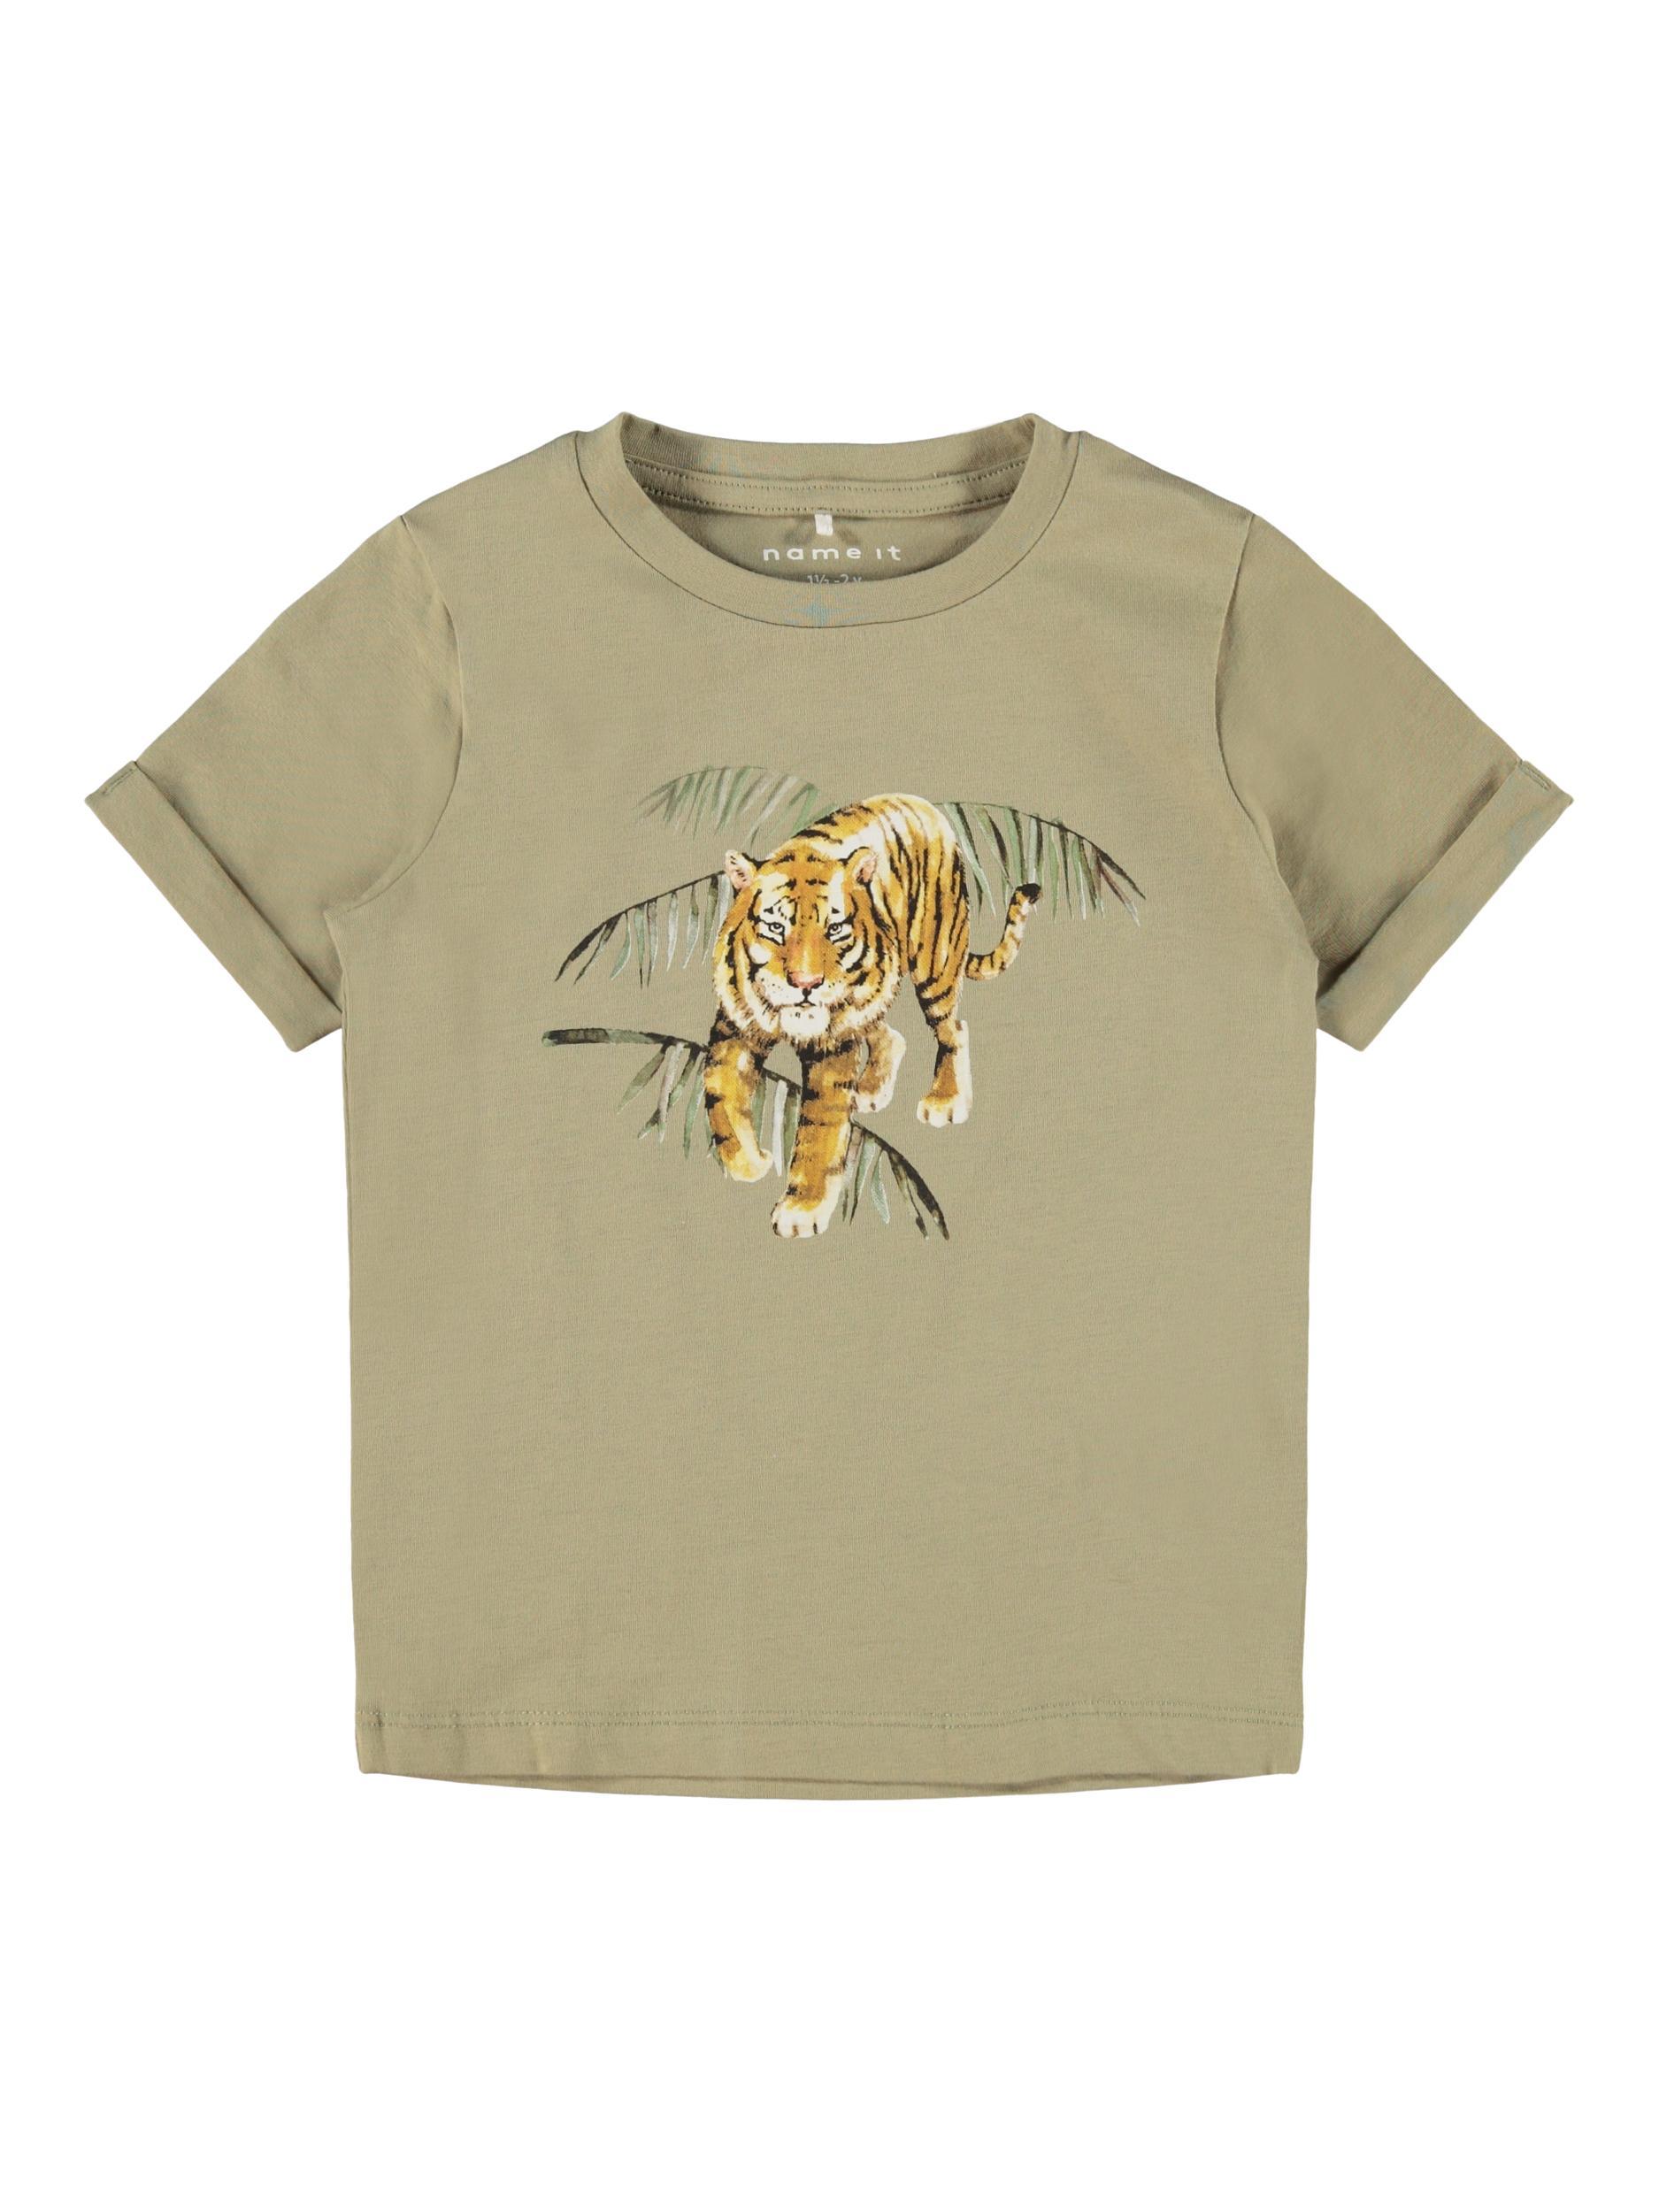 Name It Jacob t-shirt, silver sage, 86